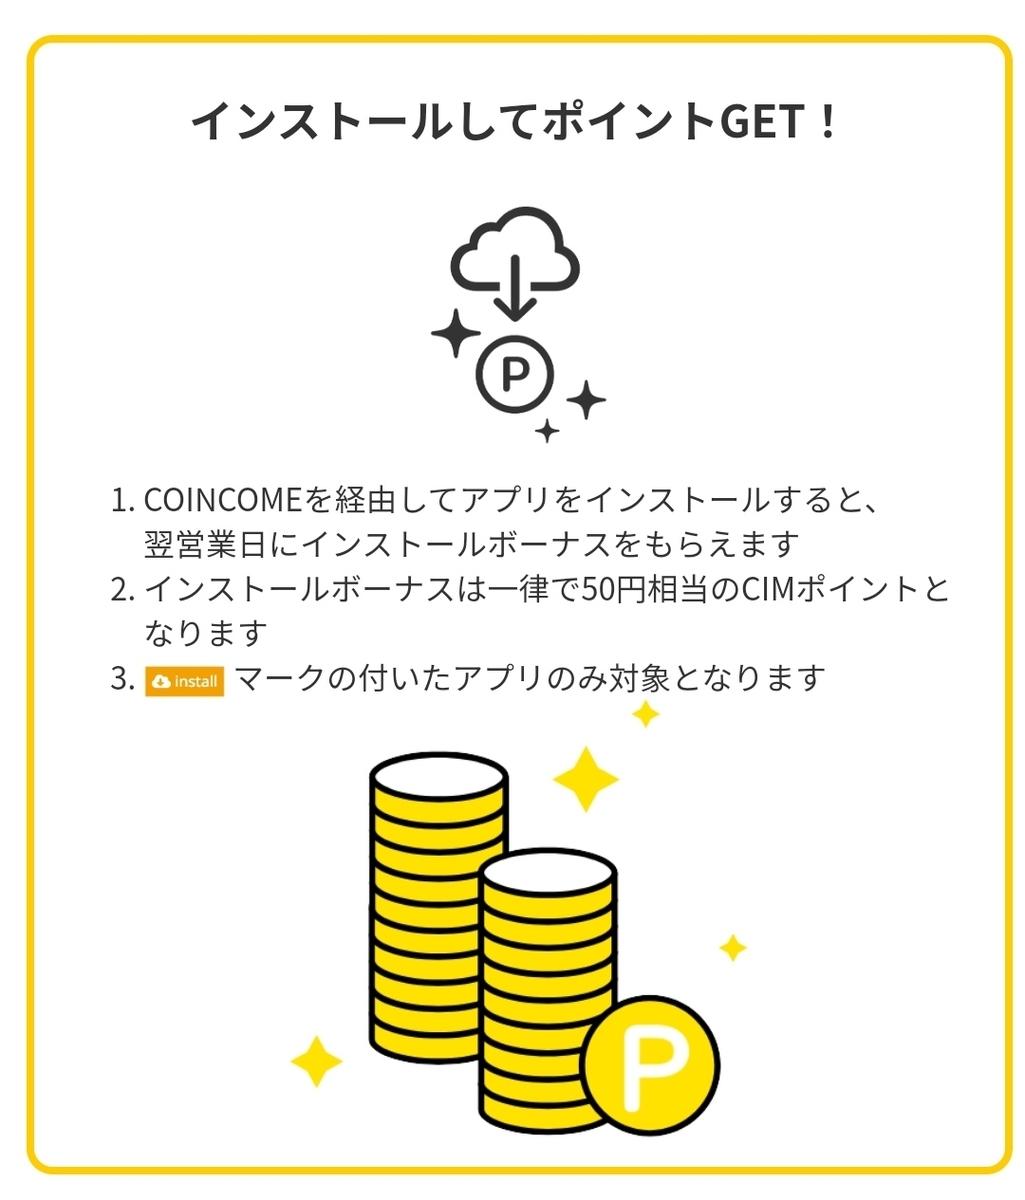 f:id:fukucchimoney:20210326230604j:plain